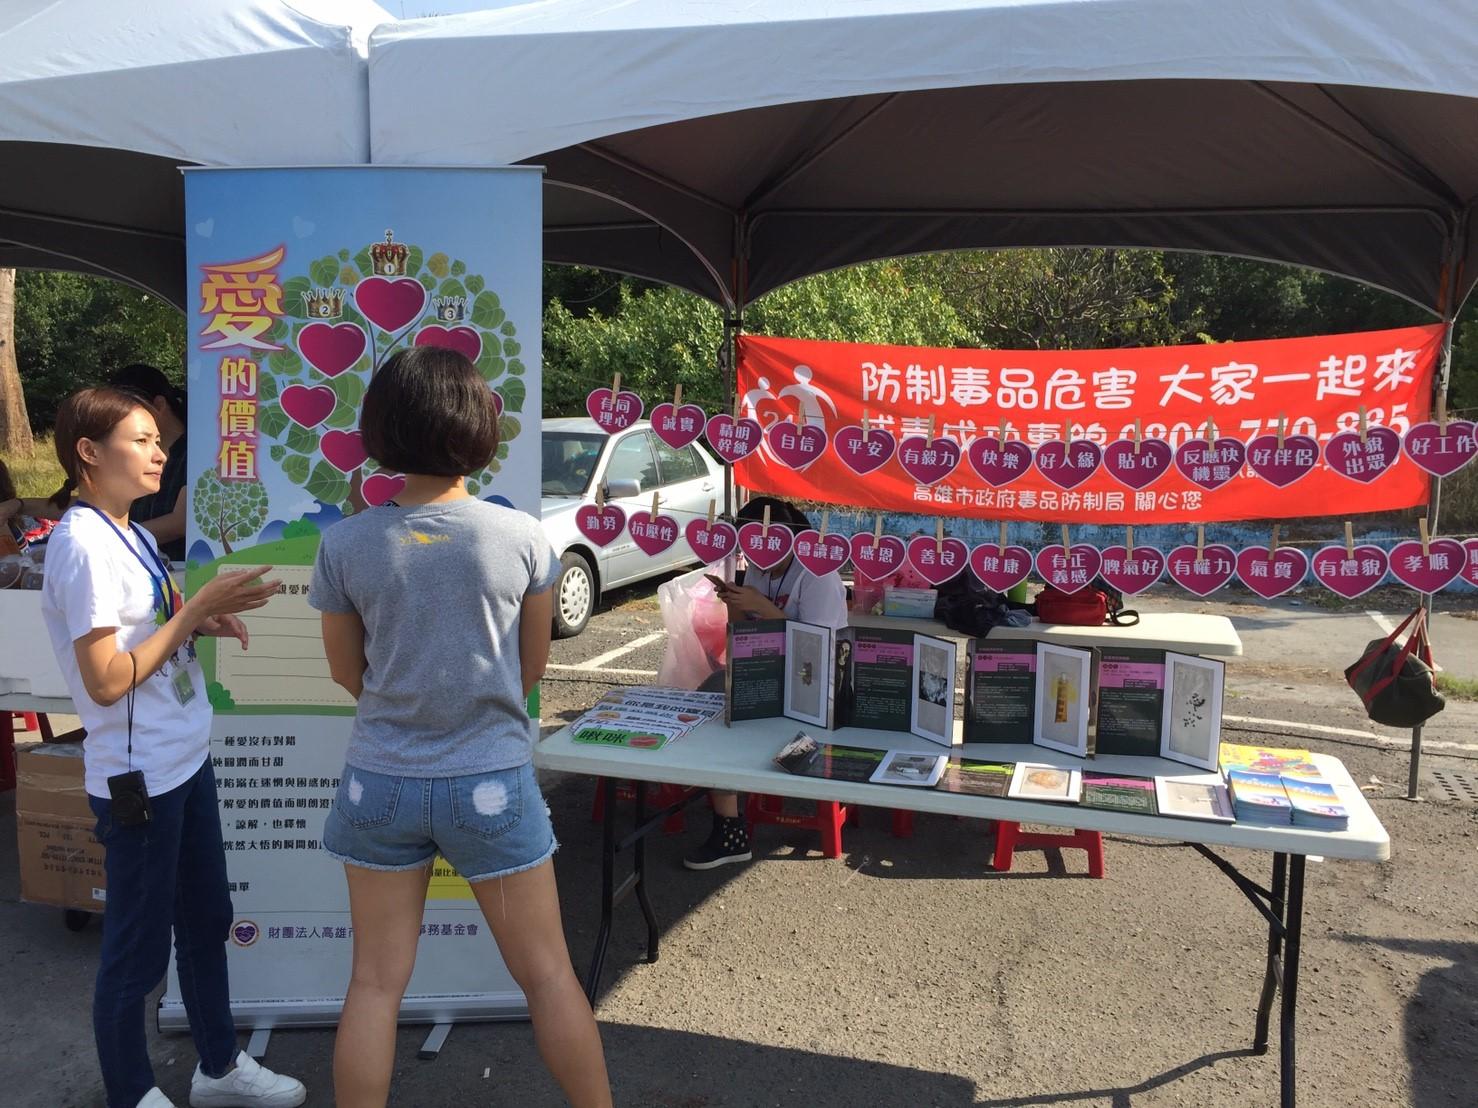 【107年3月4日】2018高雄愛河國際鐵人三項競賽,反毒宣導